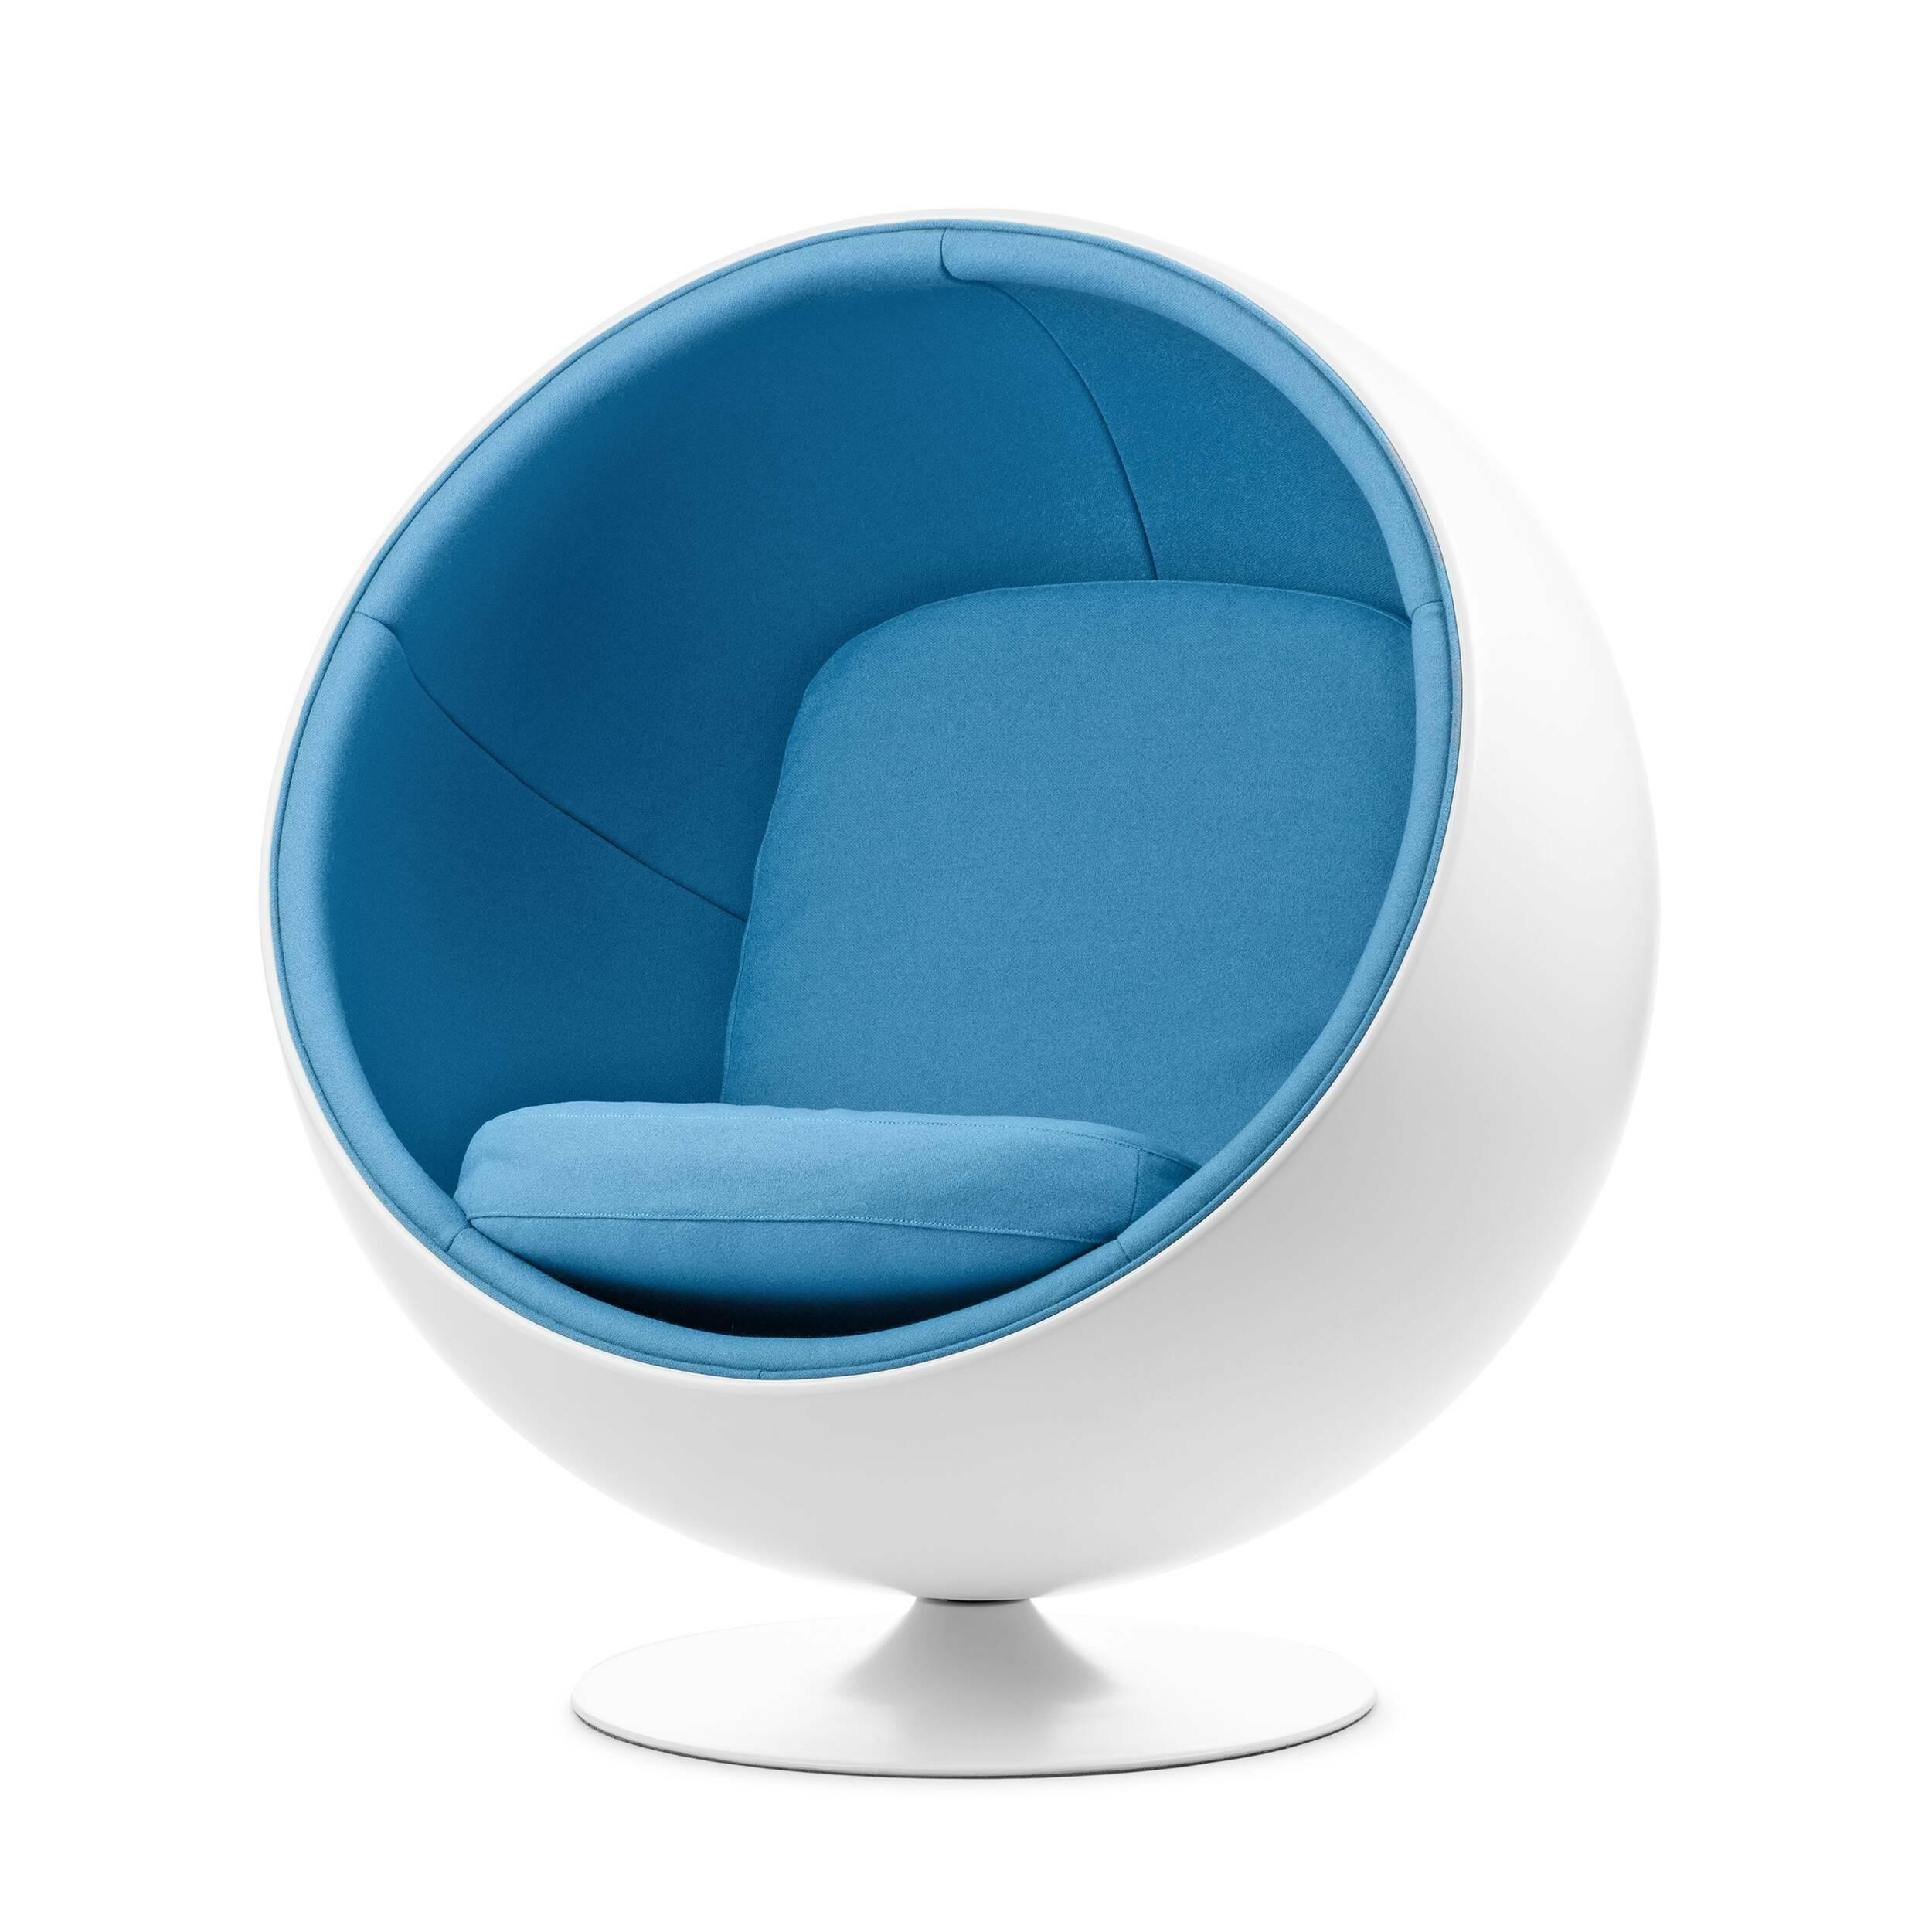 Кресло BallИнтерьерные<br>Дизайнерское круглое мягкое глубокое кресло-шар Ball (Бол) от Cosmo (Космо).<br> Кресло Ball, или как его еще называют кресло Globe, было разработано на основе одной из наиболее простых геометрических форм — шара. Отрезав часть от цельного шара и закрепив получившуюся конструкцию на основании, Ээро Аарнио, известный финский дизайнер и великий новатор в области использования пластмасс в промышленном дизайне, получил поистине замечательный результат. Его яркие, уютные и ироничные произведения ста...<br><br>stock: 2<br>Высота: 120<br>Высота сиденья: 42<br>Ширина: 109<br>Глубина: 97<br>Материал обивки: Хлопок, Лен<br>Тип материала каркаса: Стекловолокно<br>Коллекция ткани: Ray Fabric<br>Тип материала обивки: Ткань<br>Цвет обивки: Светло-голубой<br>Цвет каркаса: Белый матовый